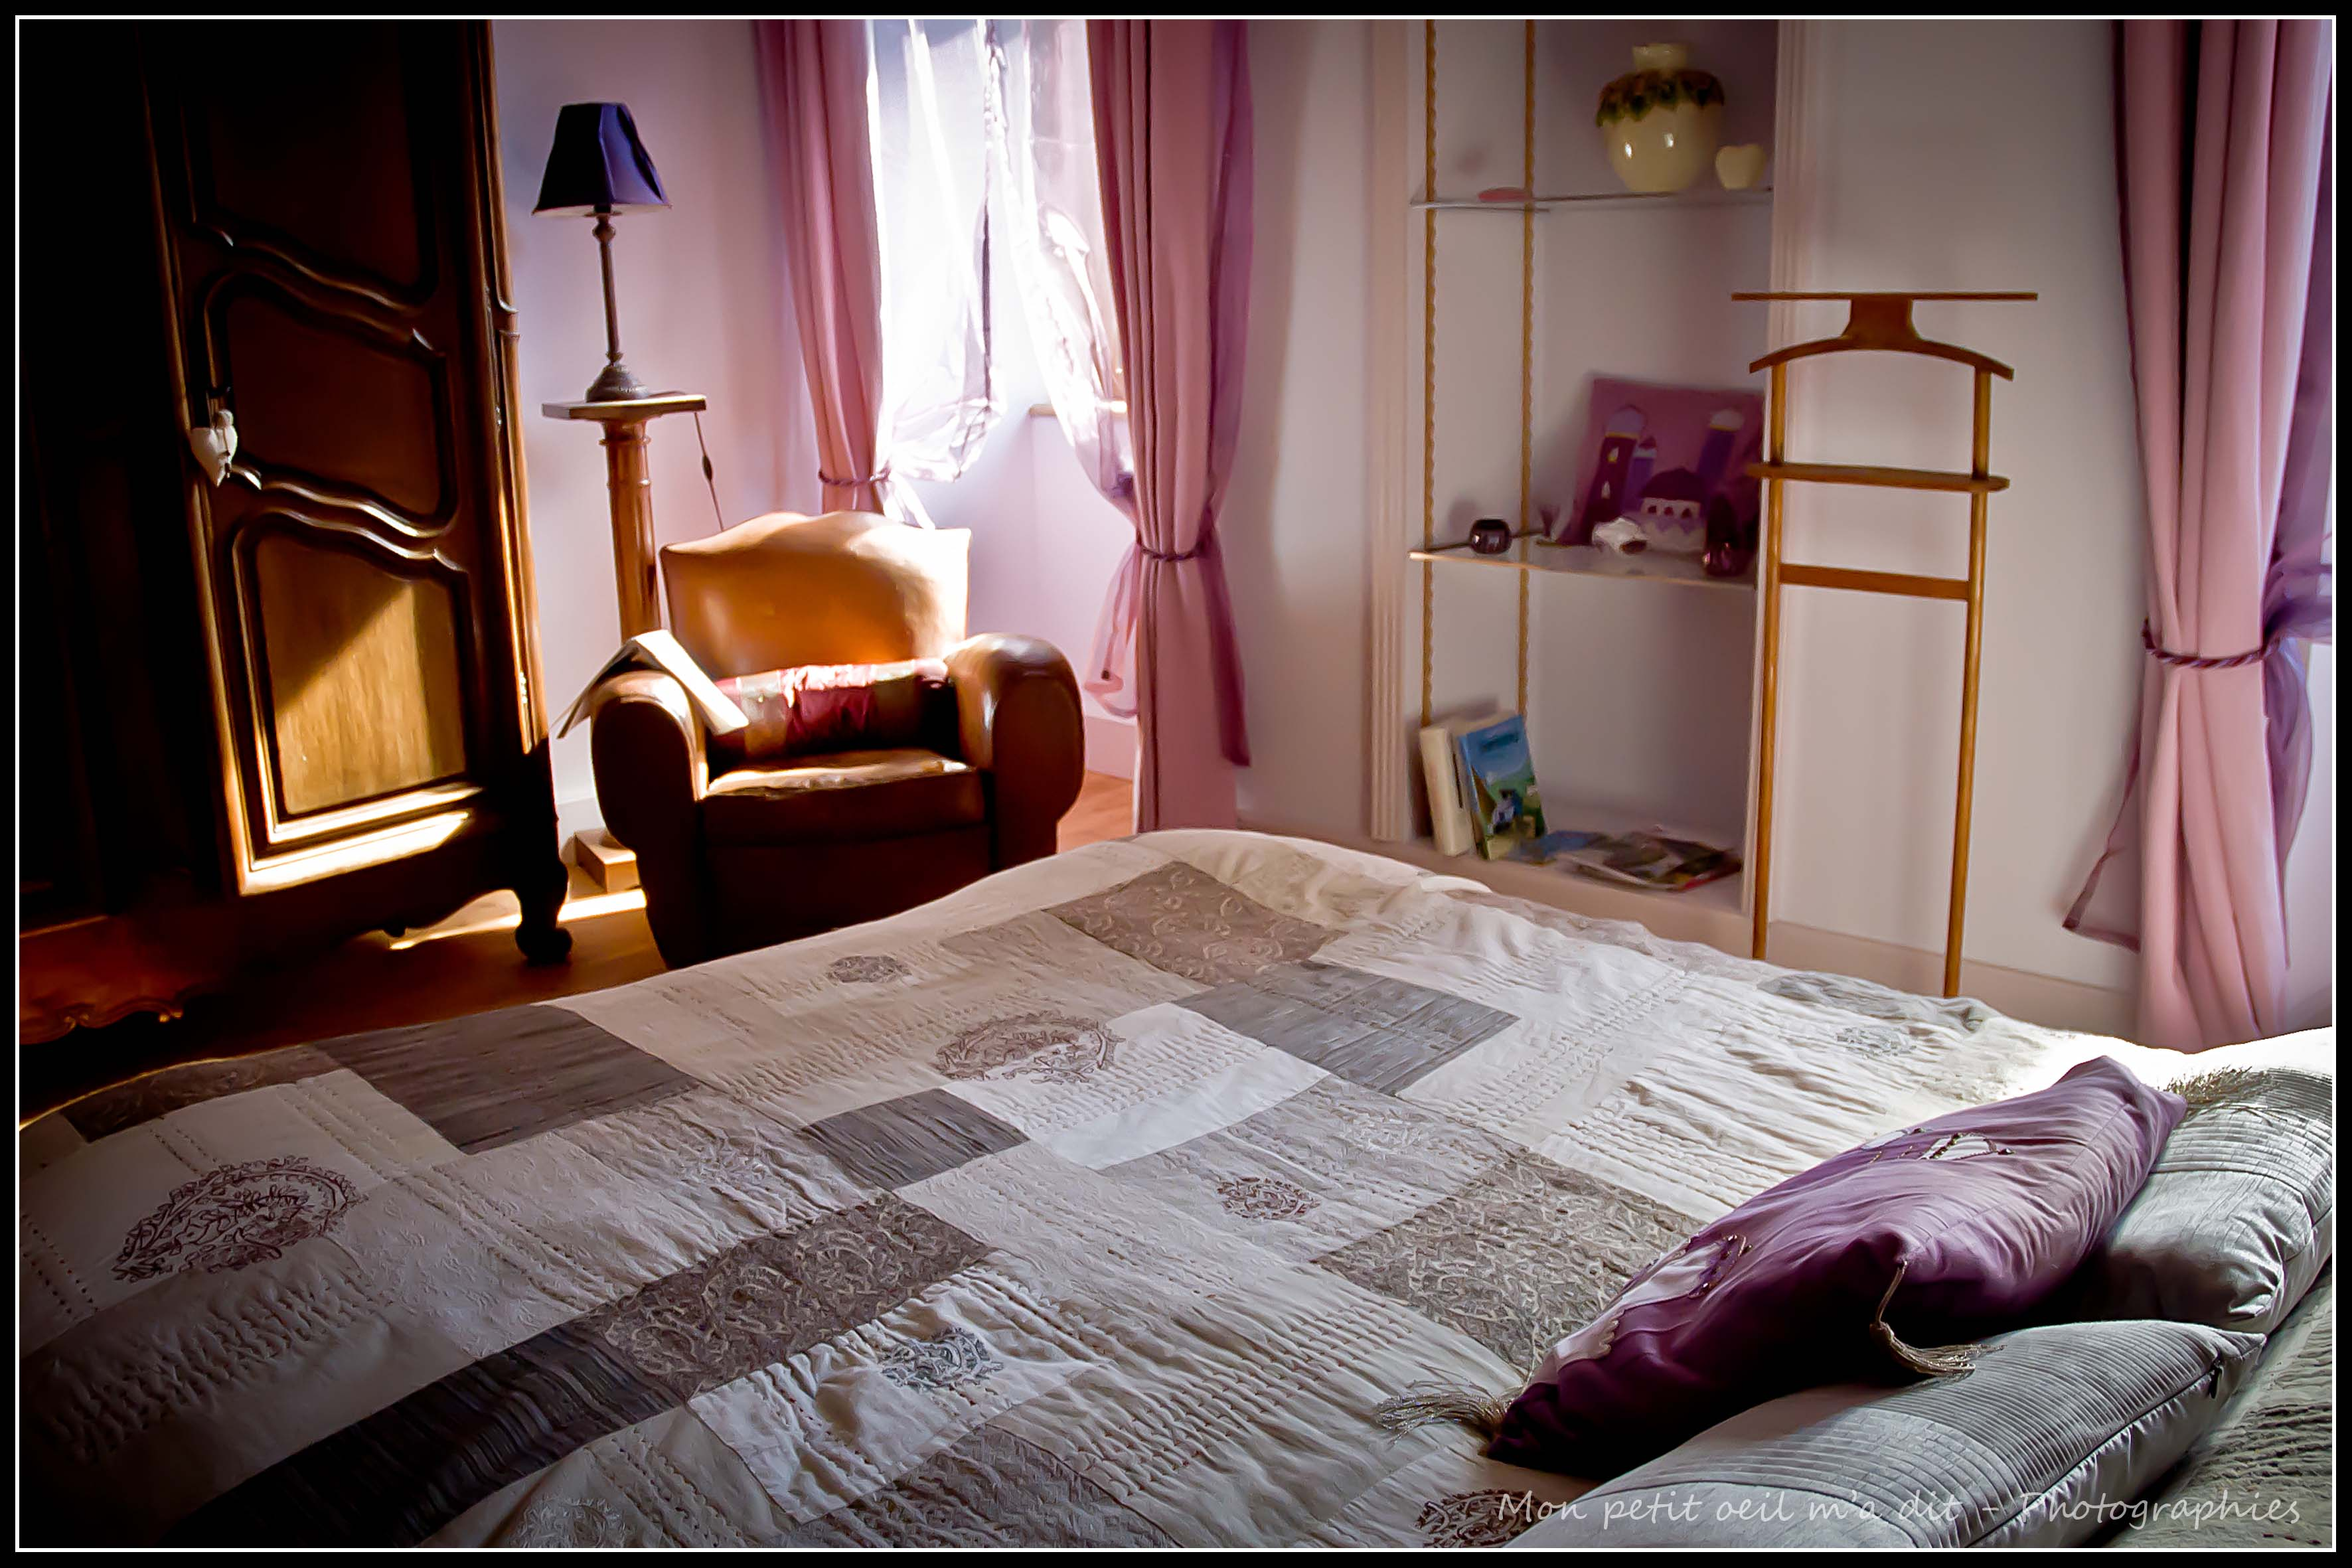 """Chambre d'hôte """"Améthyste"""" © monpetitoeilmadit"""